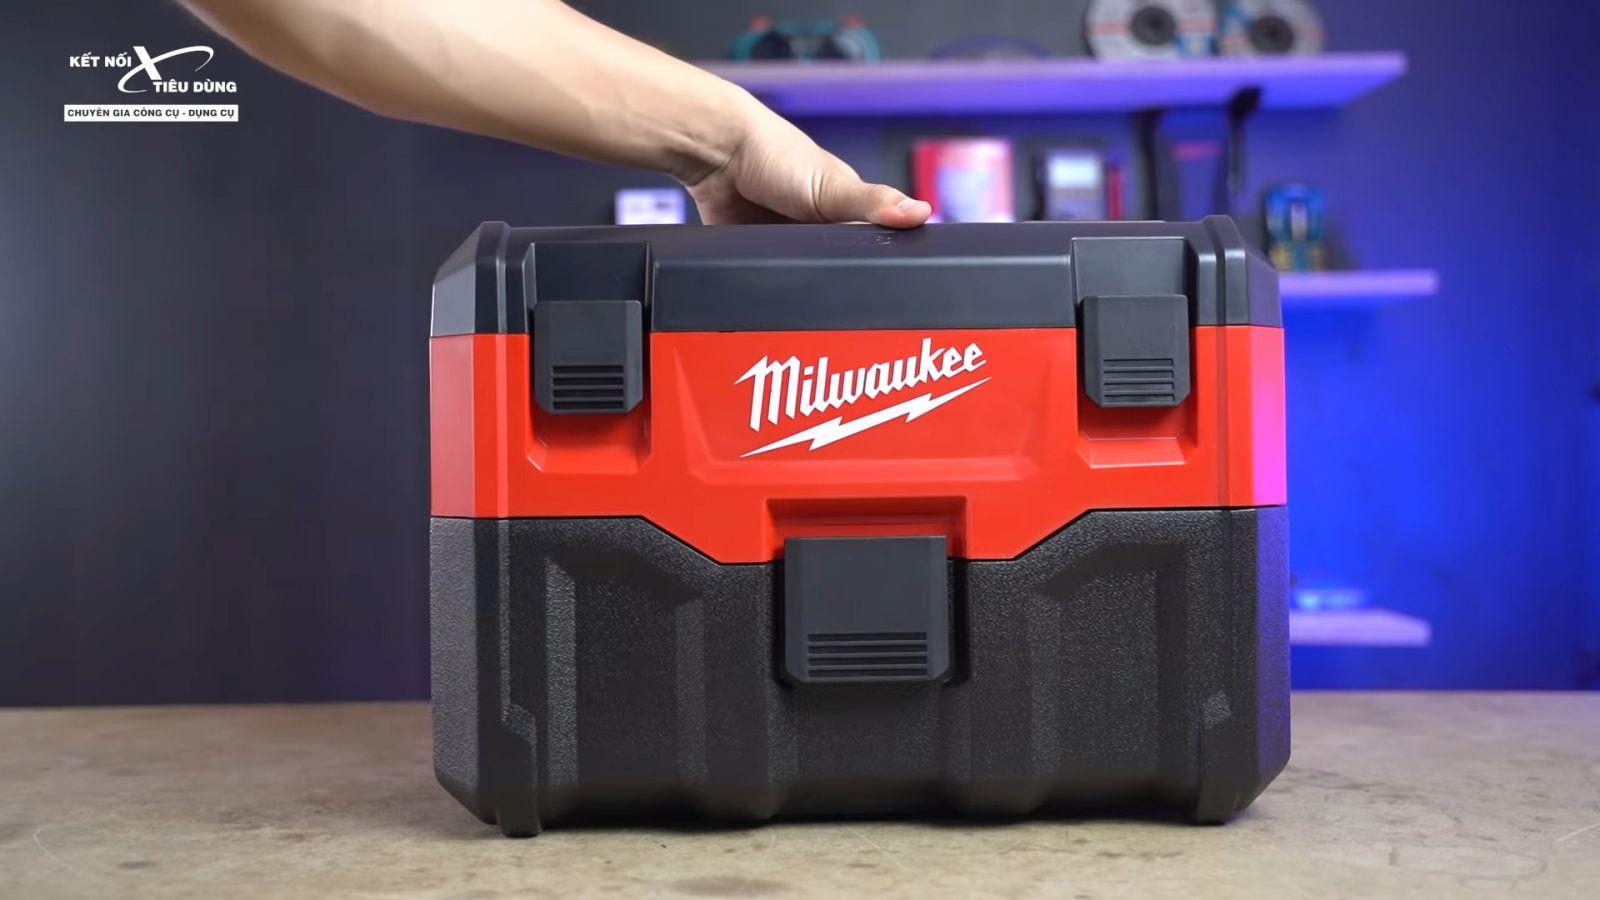 Review thùng ướp bia Milwaukee đội lốt máy hút bụi - M18 VC2: Xịn sò, hầm hố, build cao, đi công trường ngon - lưu ý khi sử dụng máy hút bụi